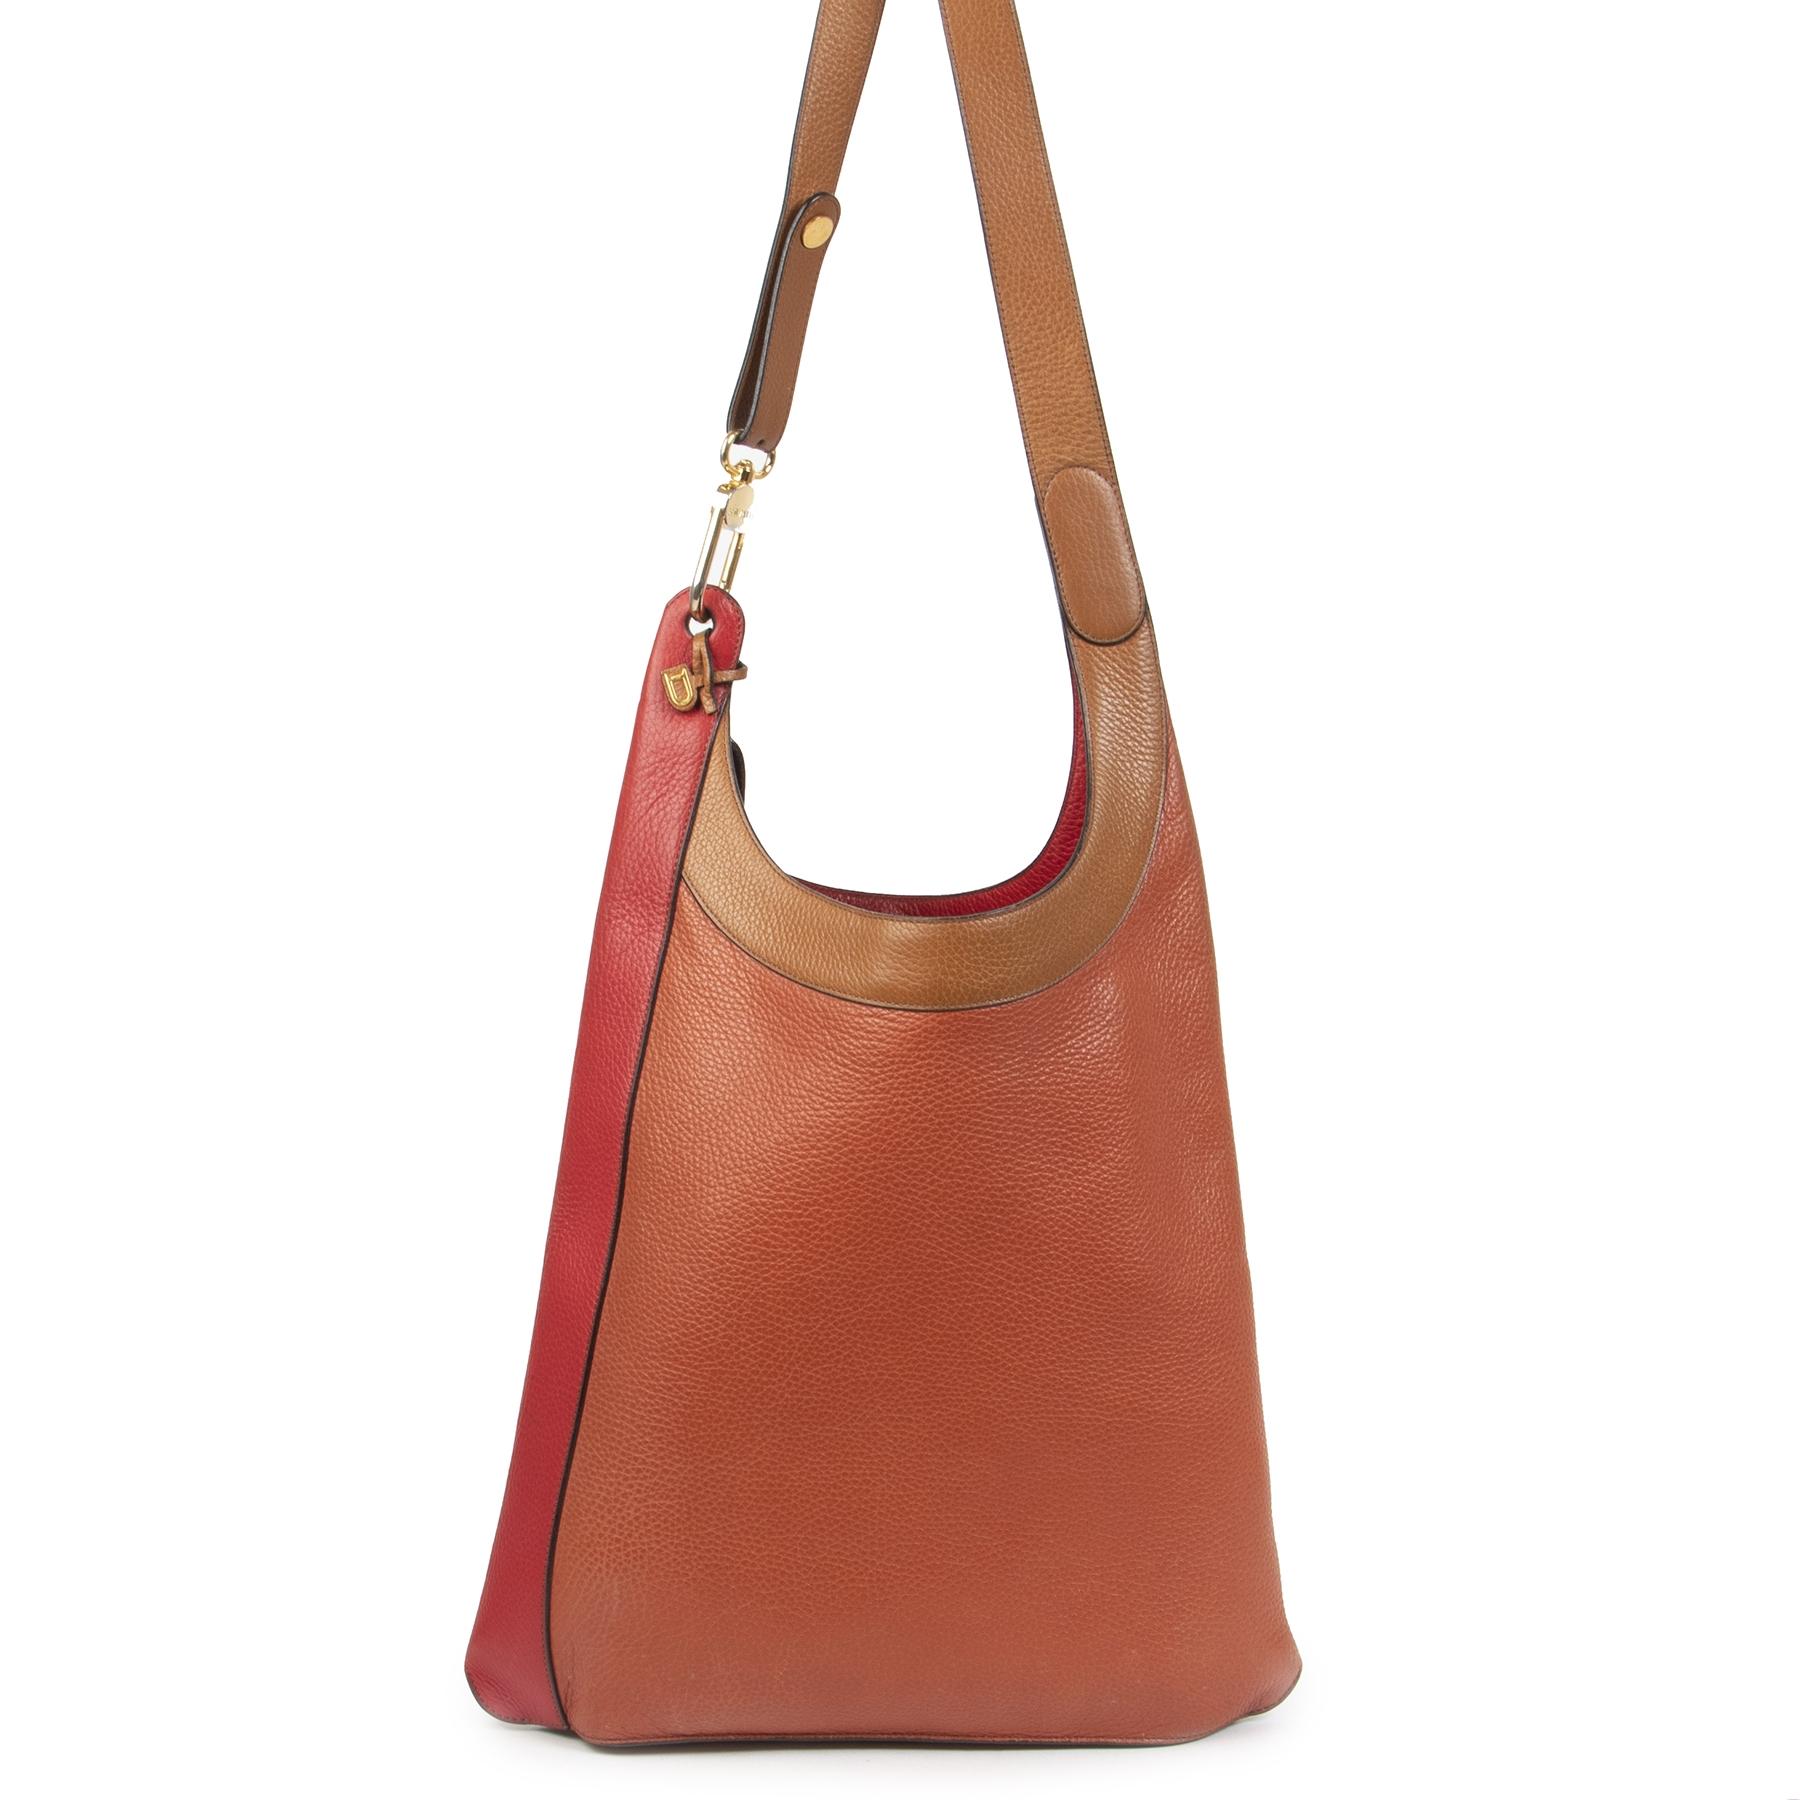 Authentieke Tweedehands Delvaux Multicolor Leather Tote Bag juiste prijs veilig online shoppen luxe merken webshop winkelen Antwerpen België mode fashion